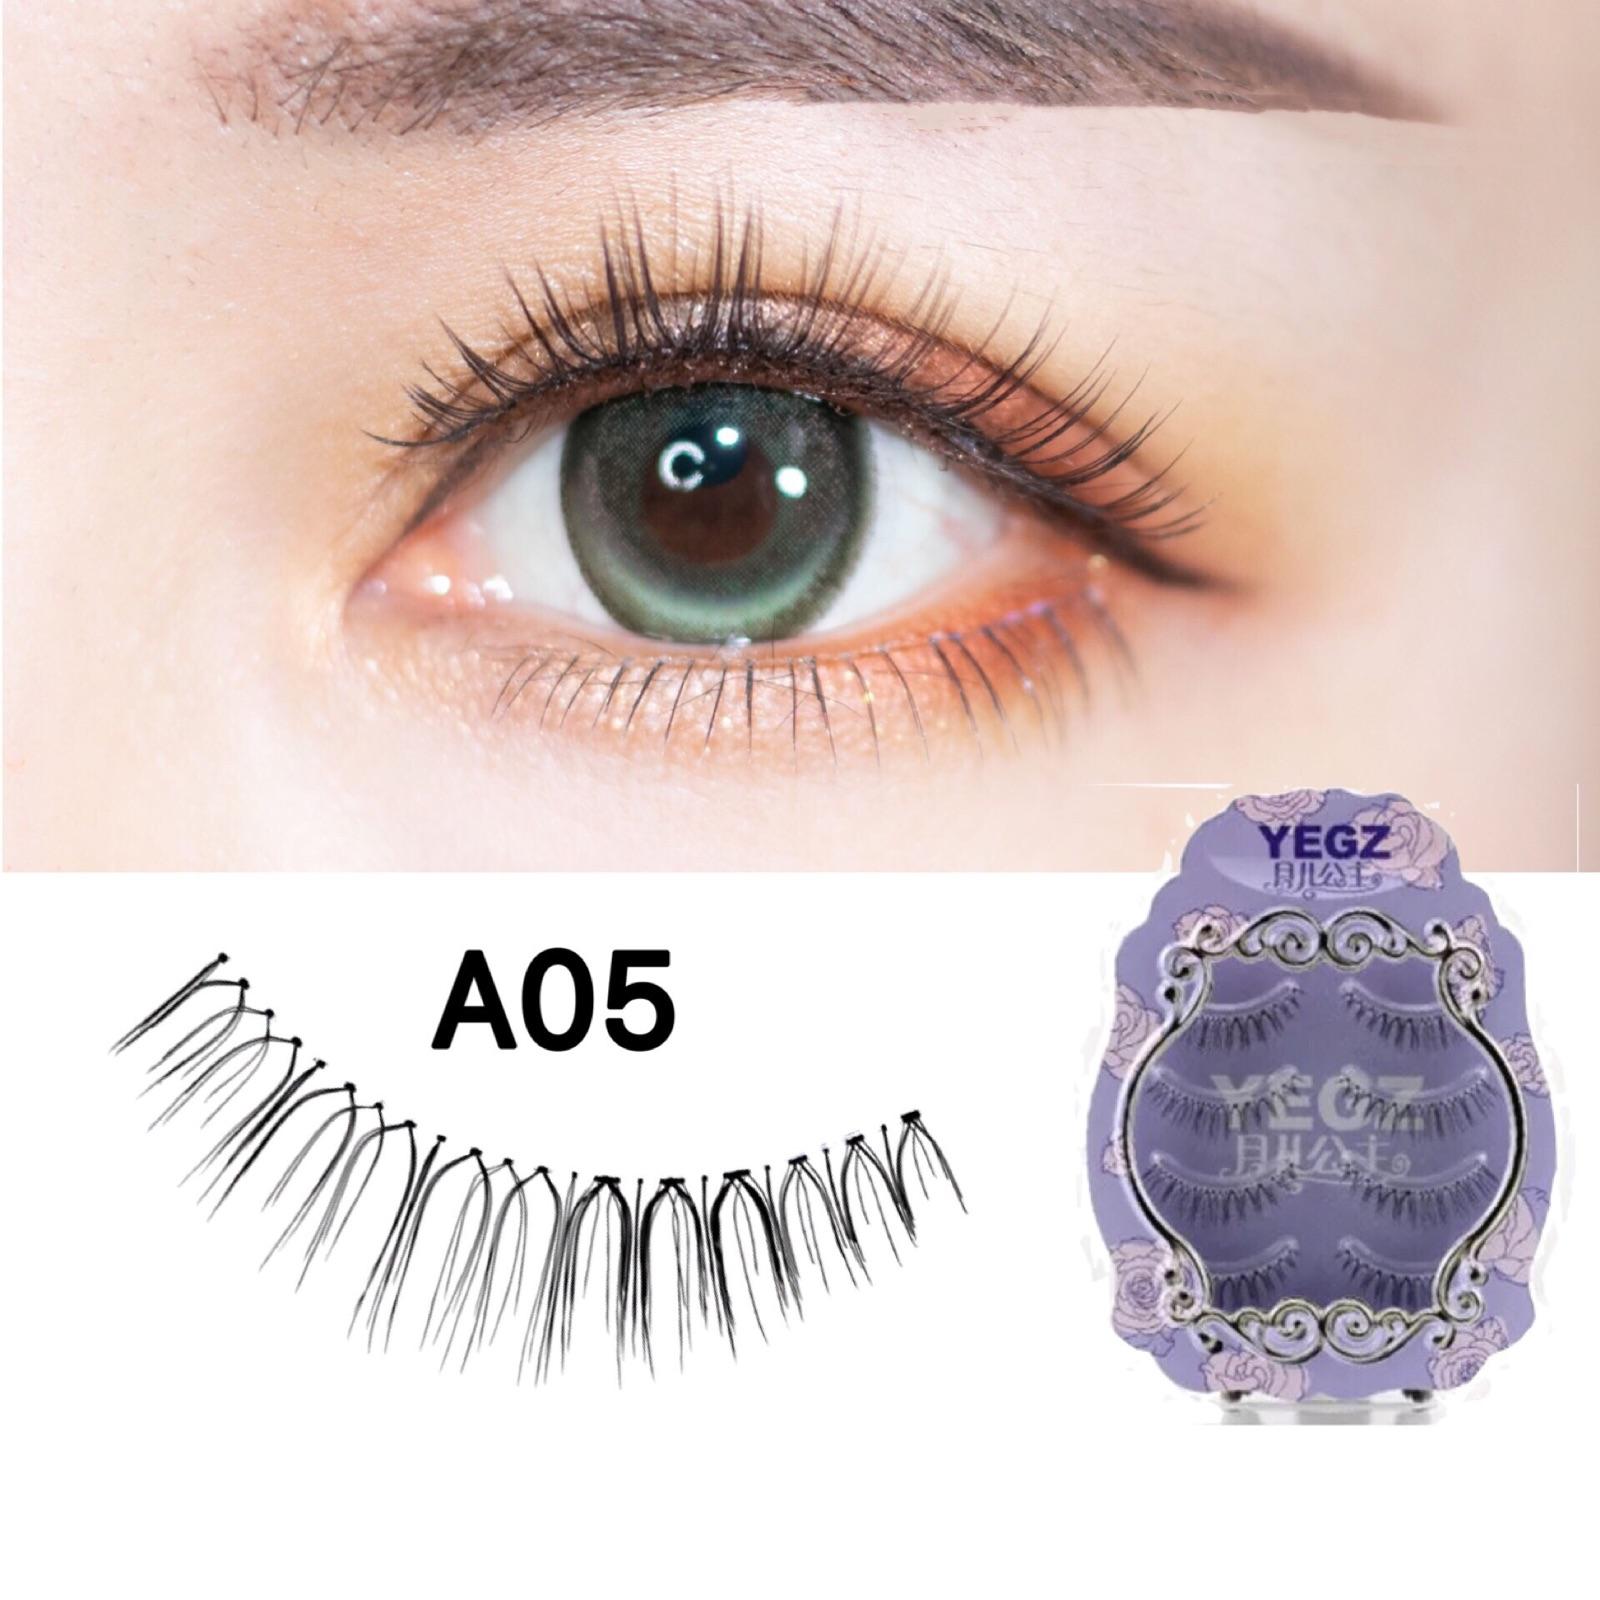 Yue Er Princess Lông mi giả A05 Cô dâu sắc sảo Trang điểm nghệ sĩ đặc biệt tự nhiên mắt ngây thơ mô phỏng Net lông mi đỏ - Lông mi giả